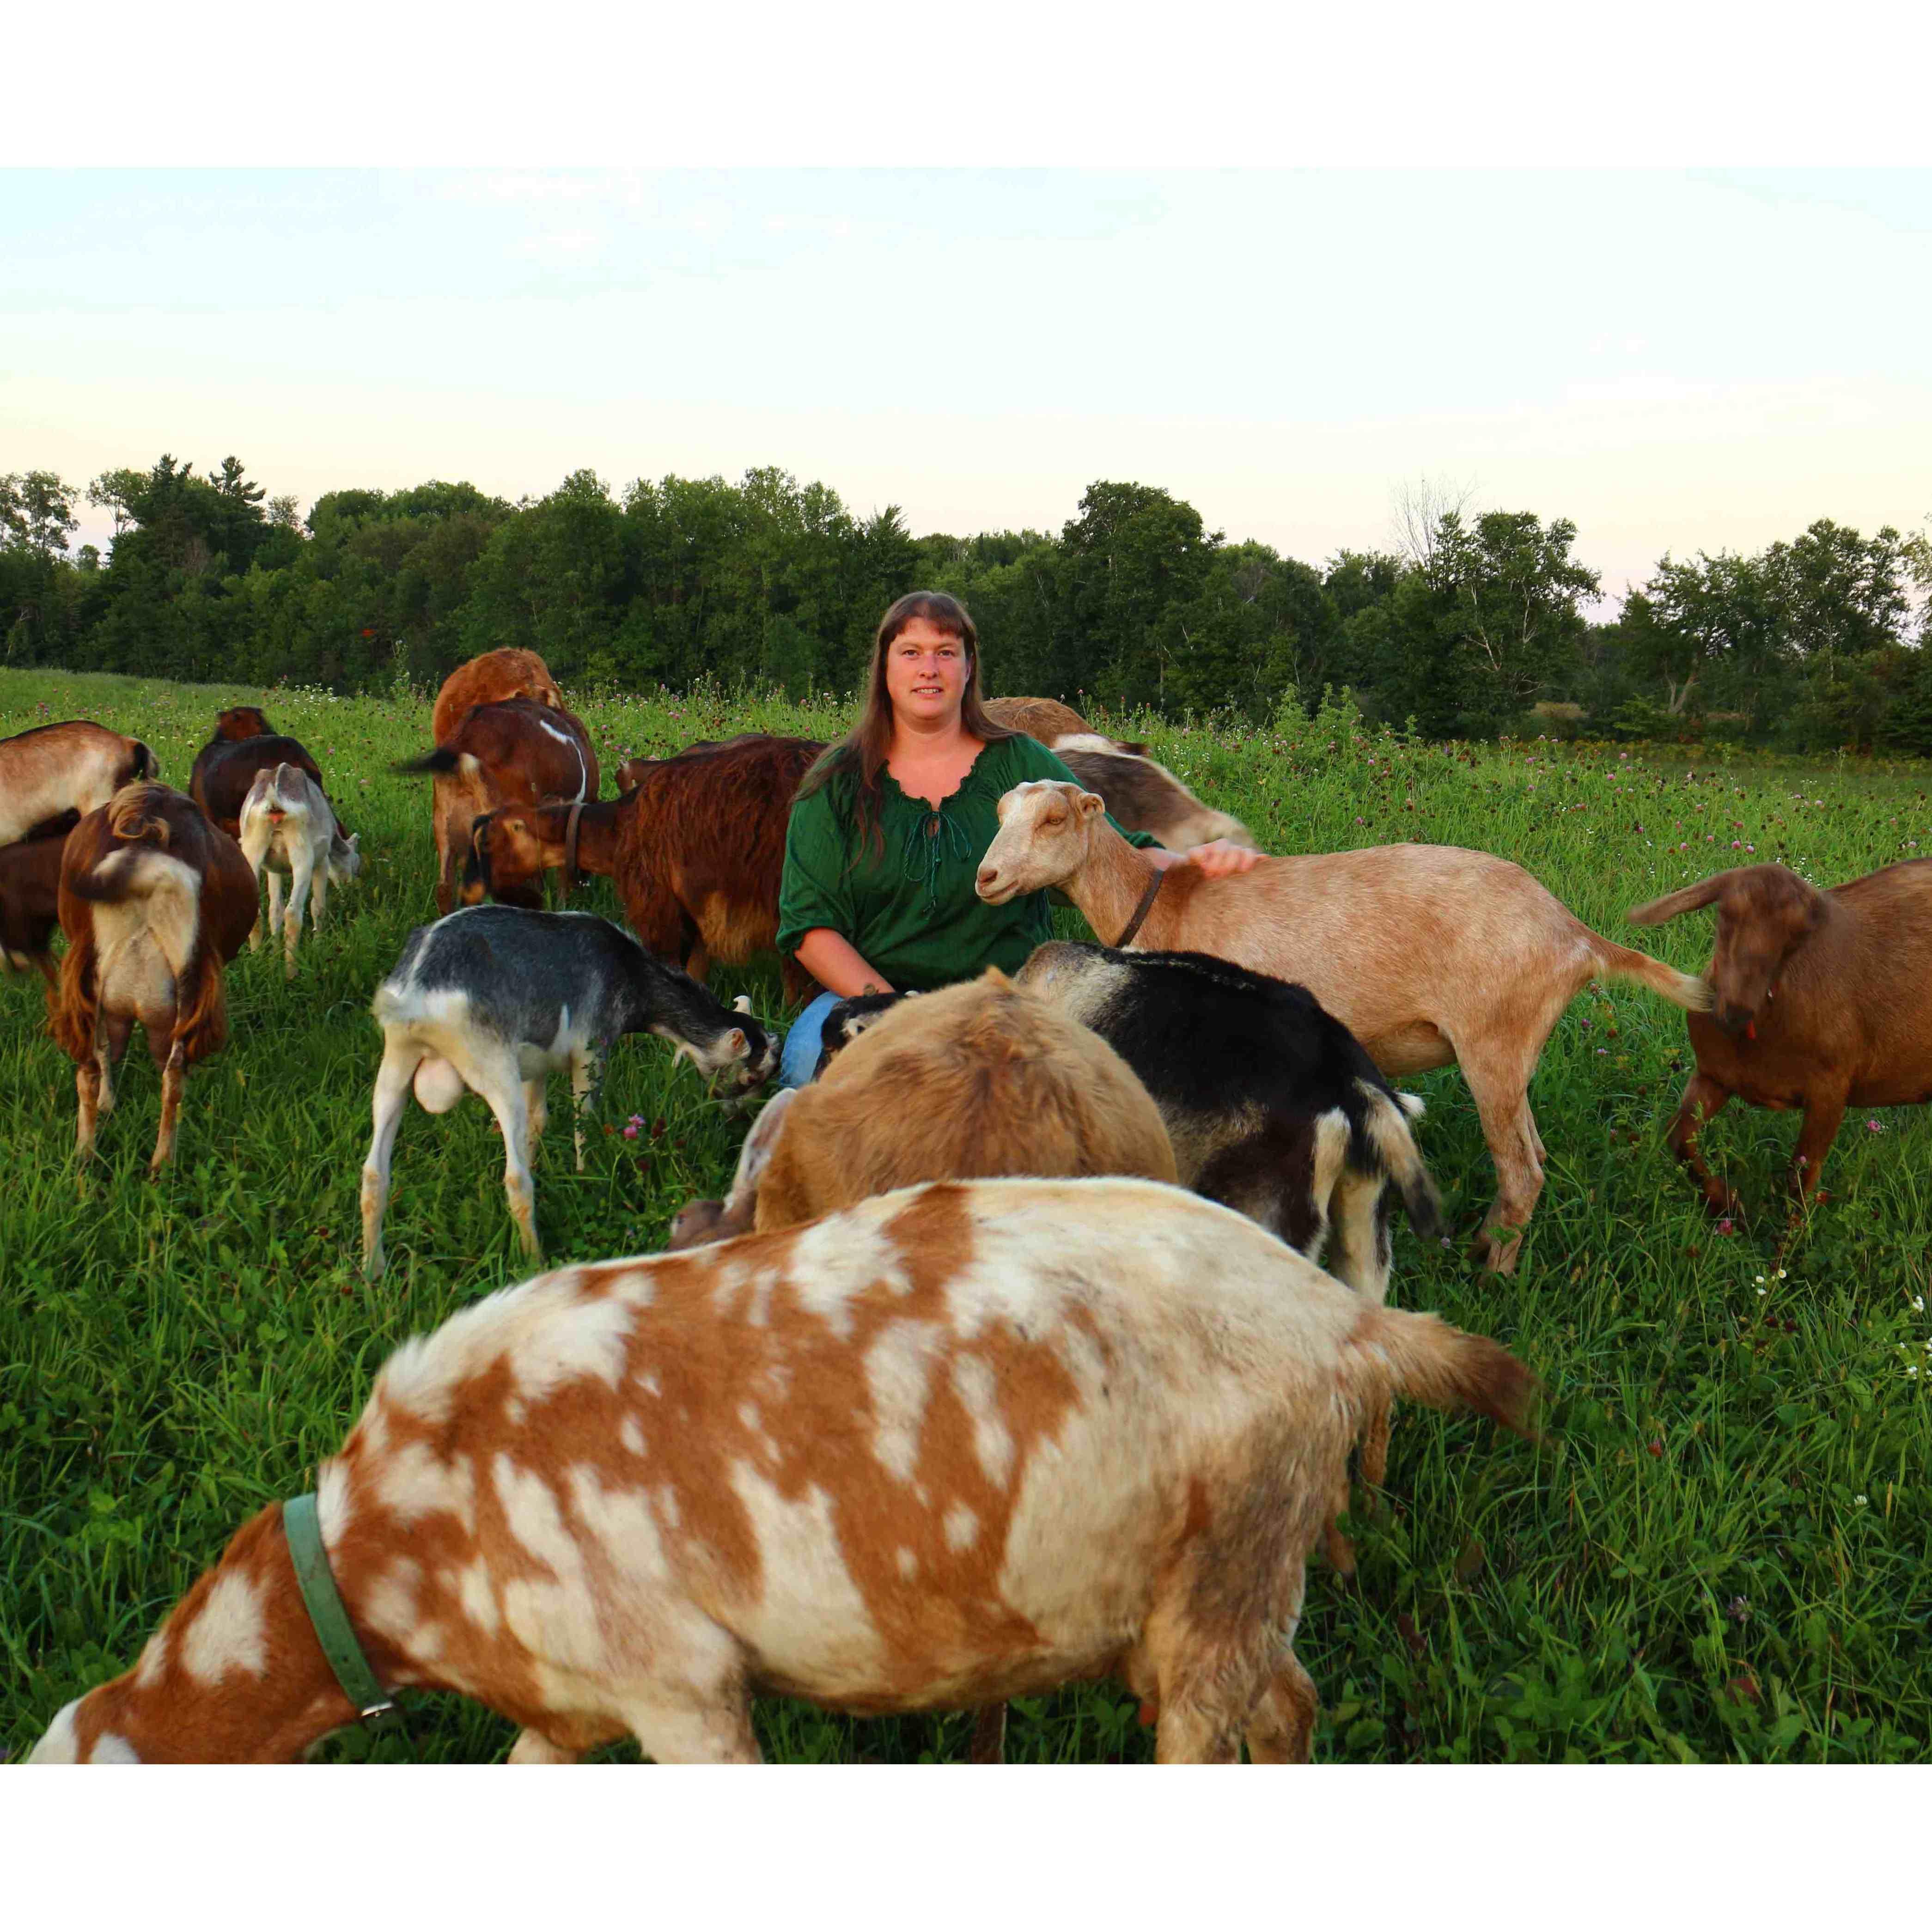 Sarah's Goats